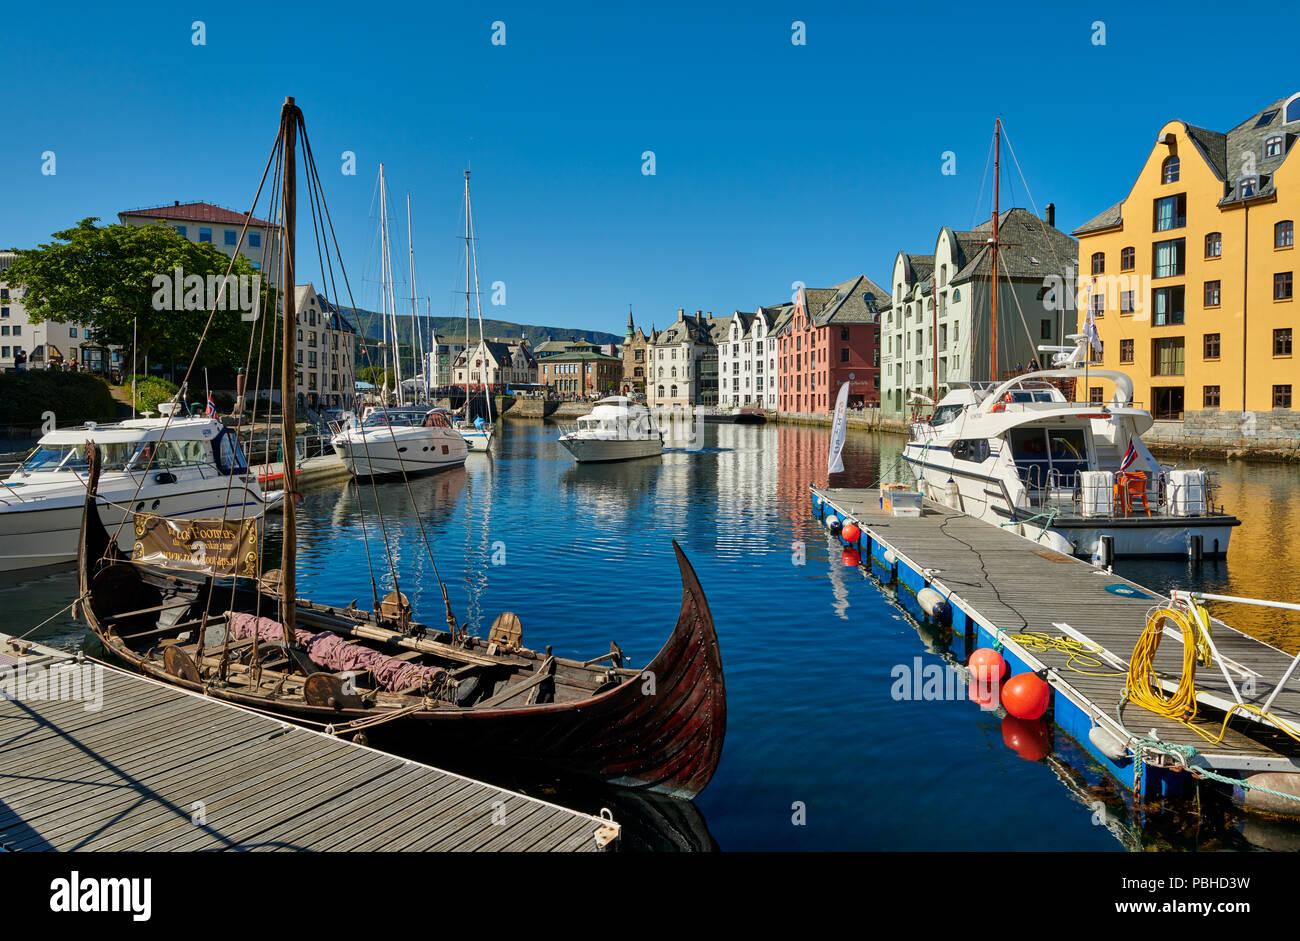 Vista del puerto viejo, con históricos edificios de estilo Art Nouveau, Ålesund, Noruega, Europa Imagen De Stock